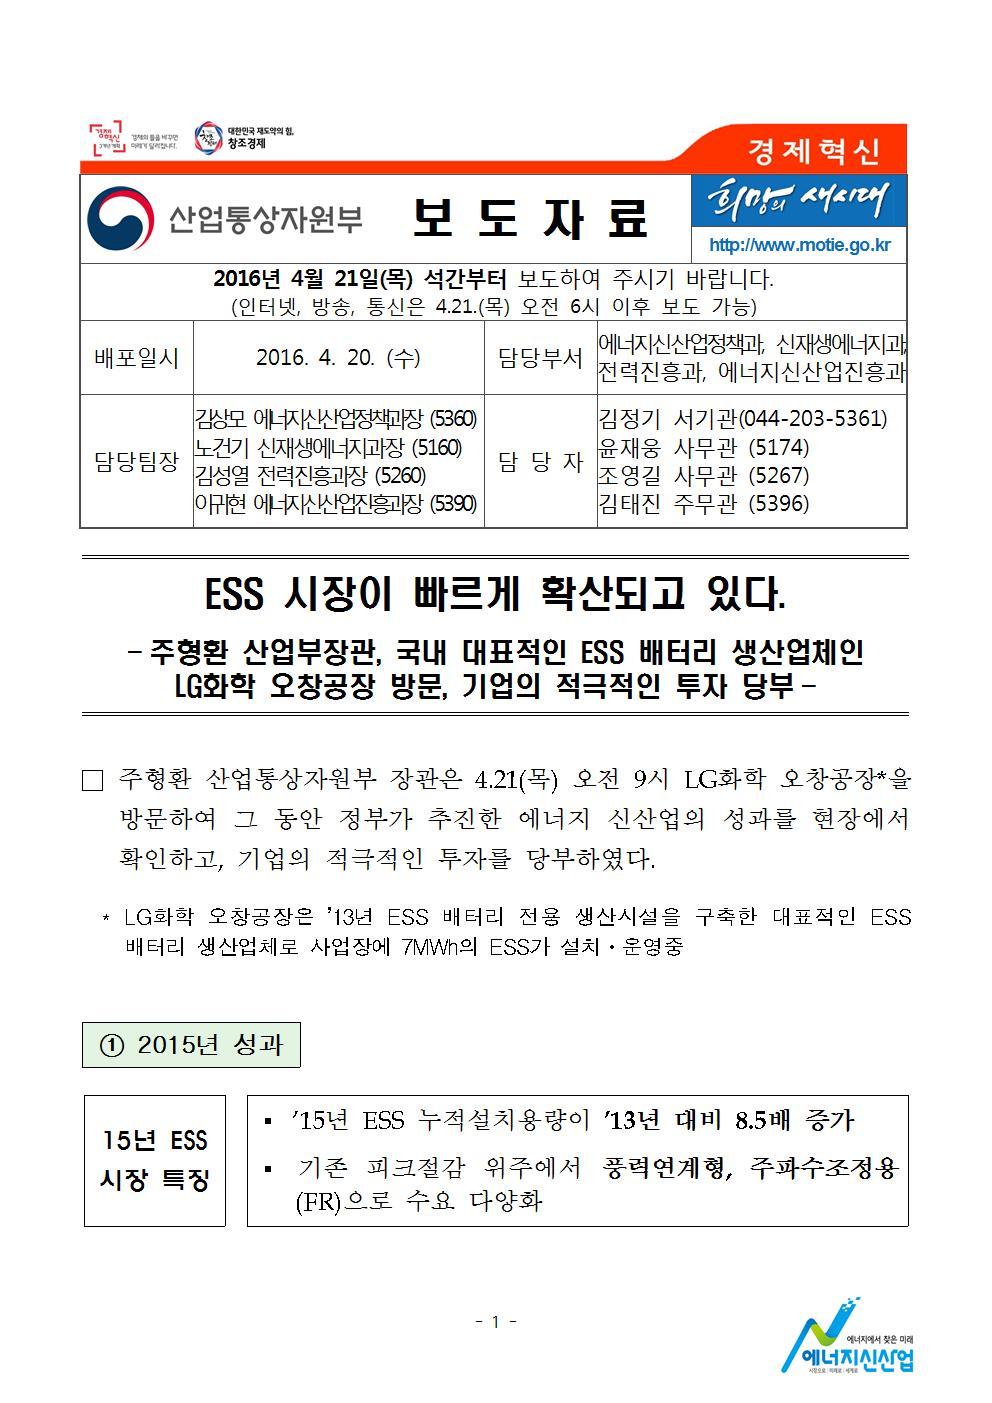 160420 (21일석간) 에너지신산업정책과, 에너지신산업 현장방문.hwp001.jpg